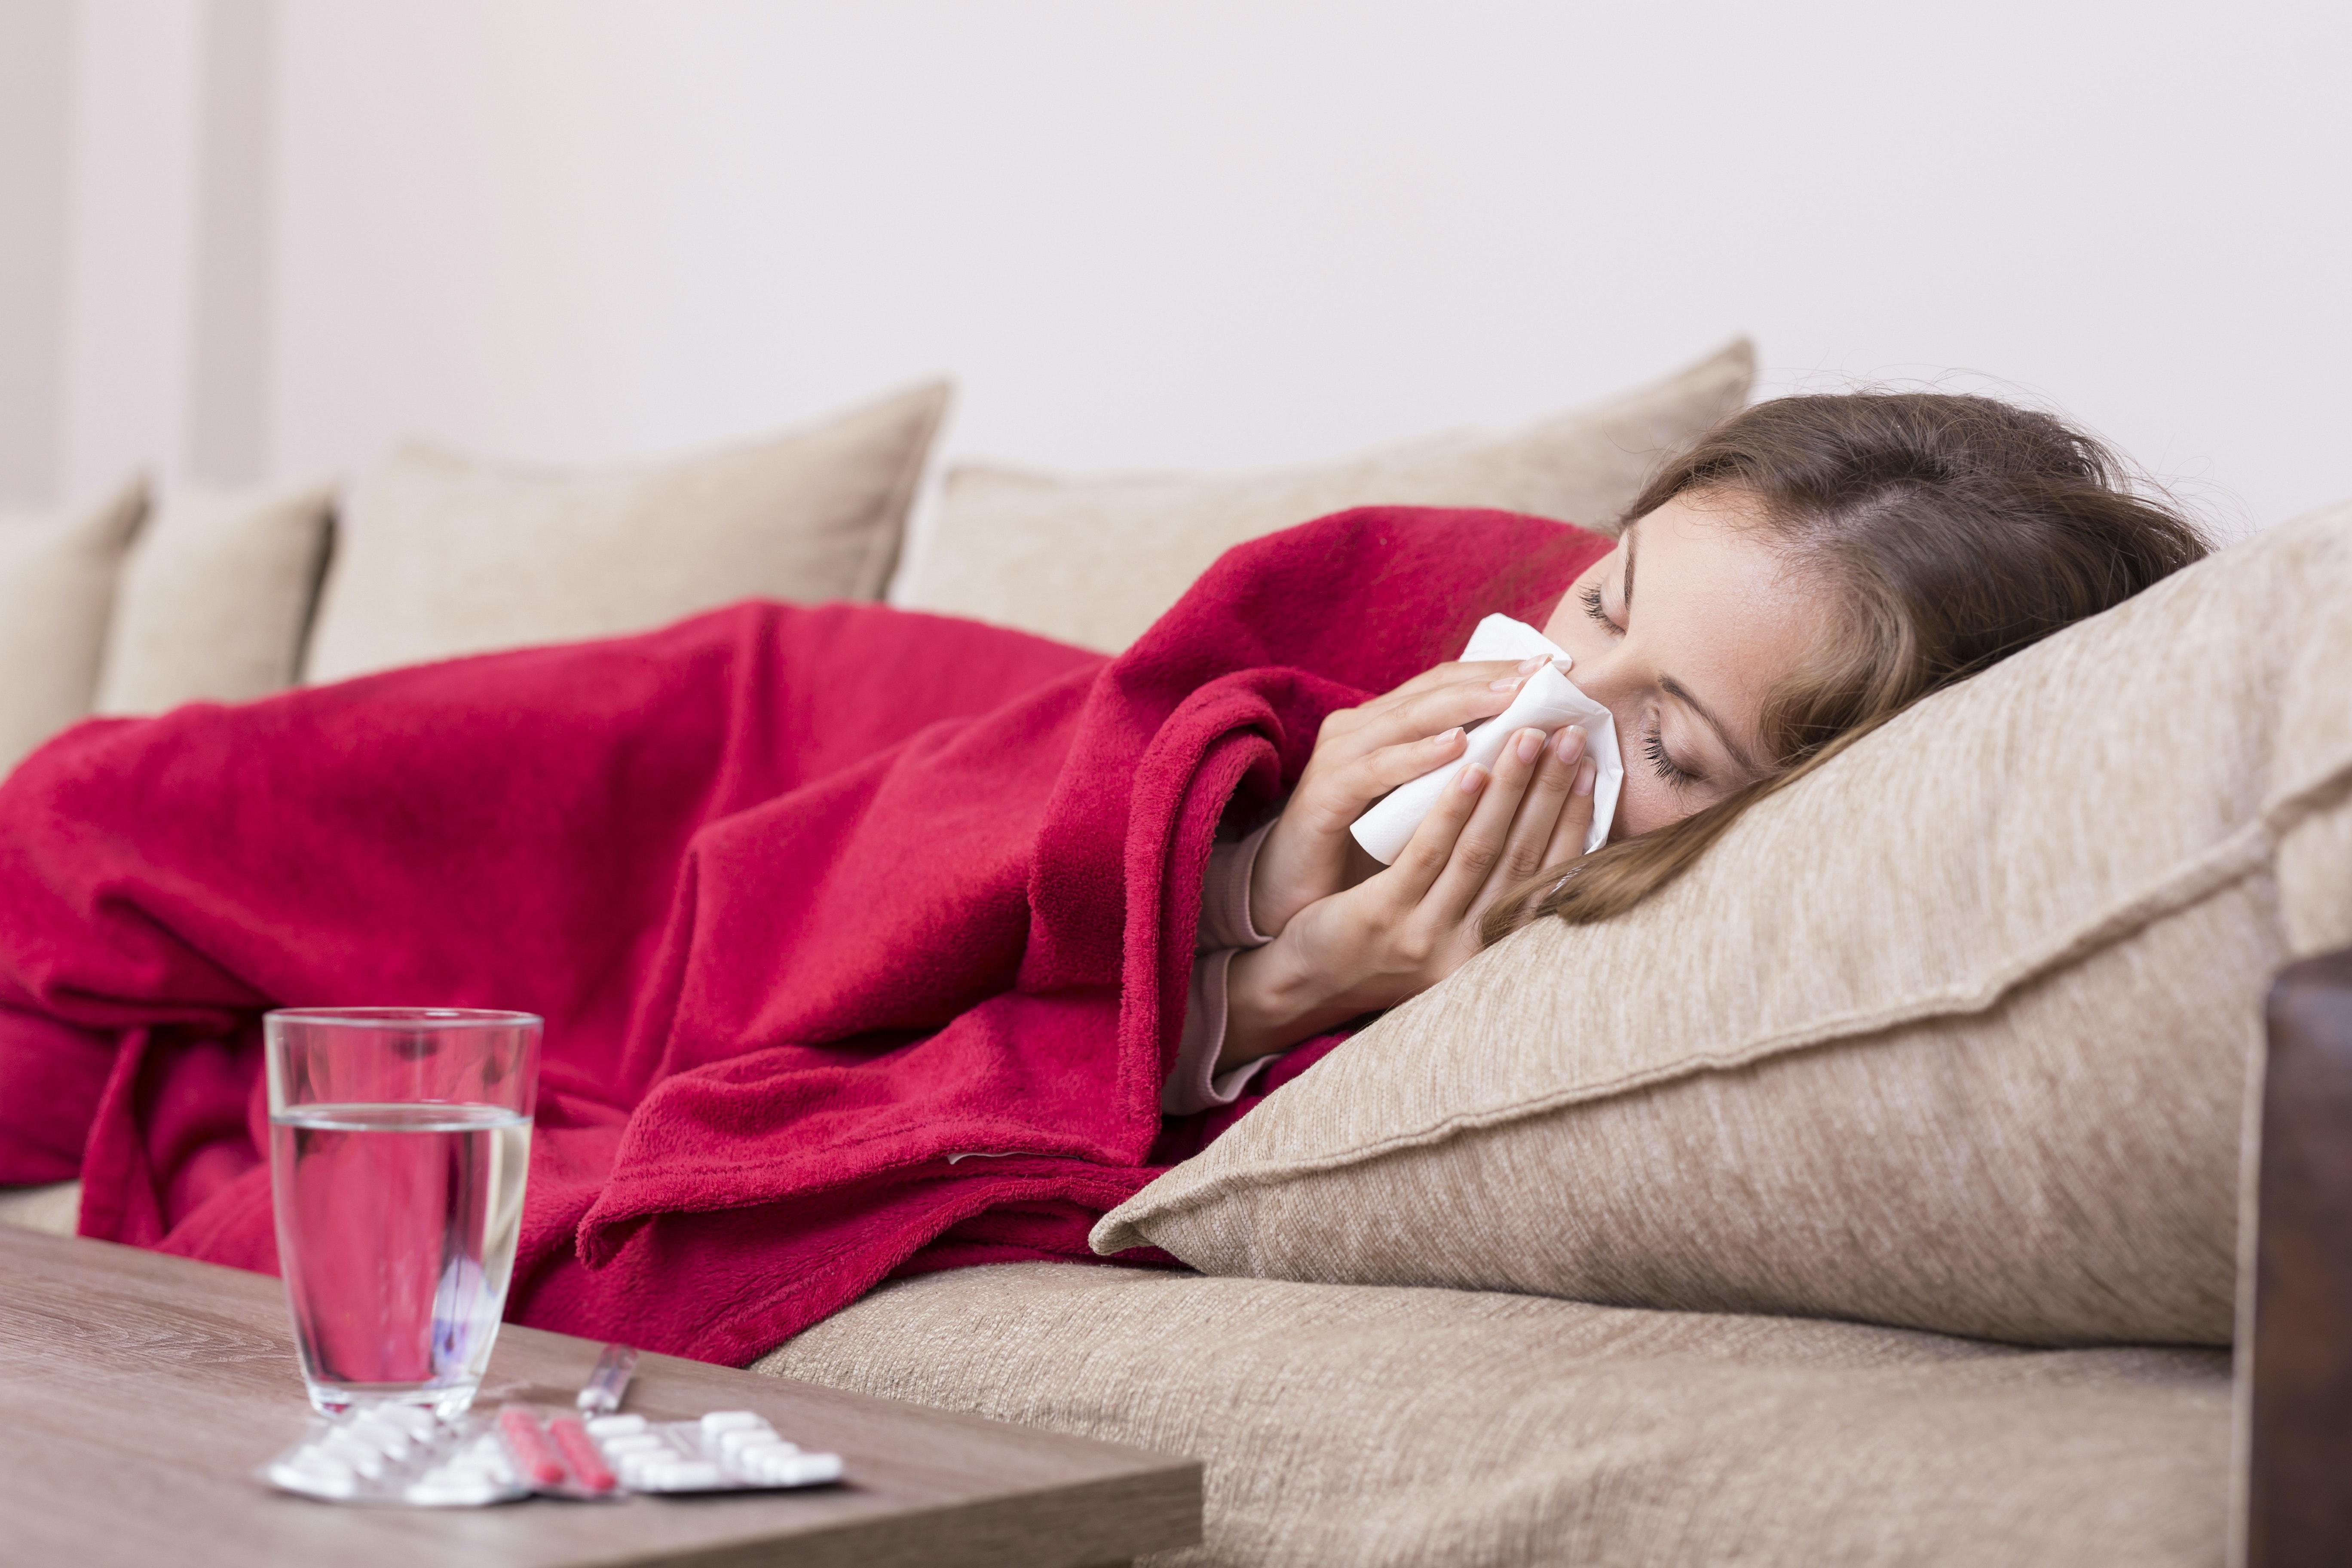 influenza hvor længe